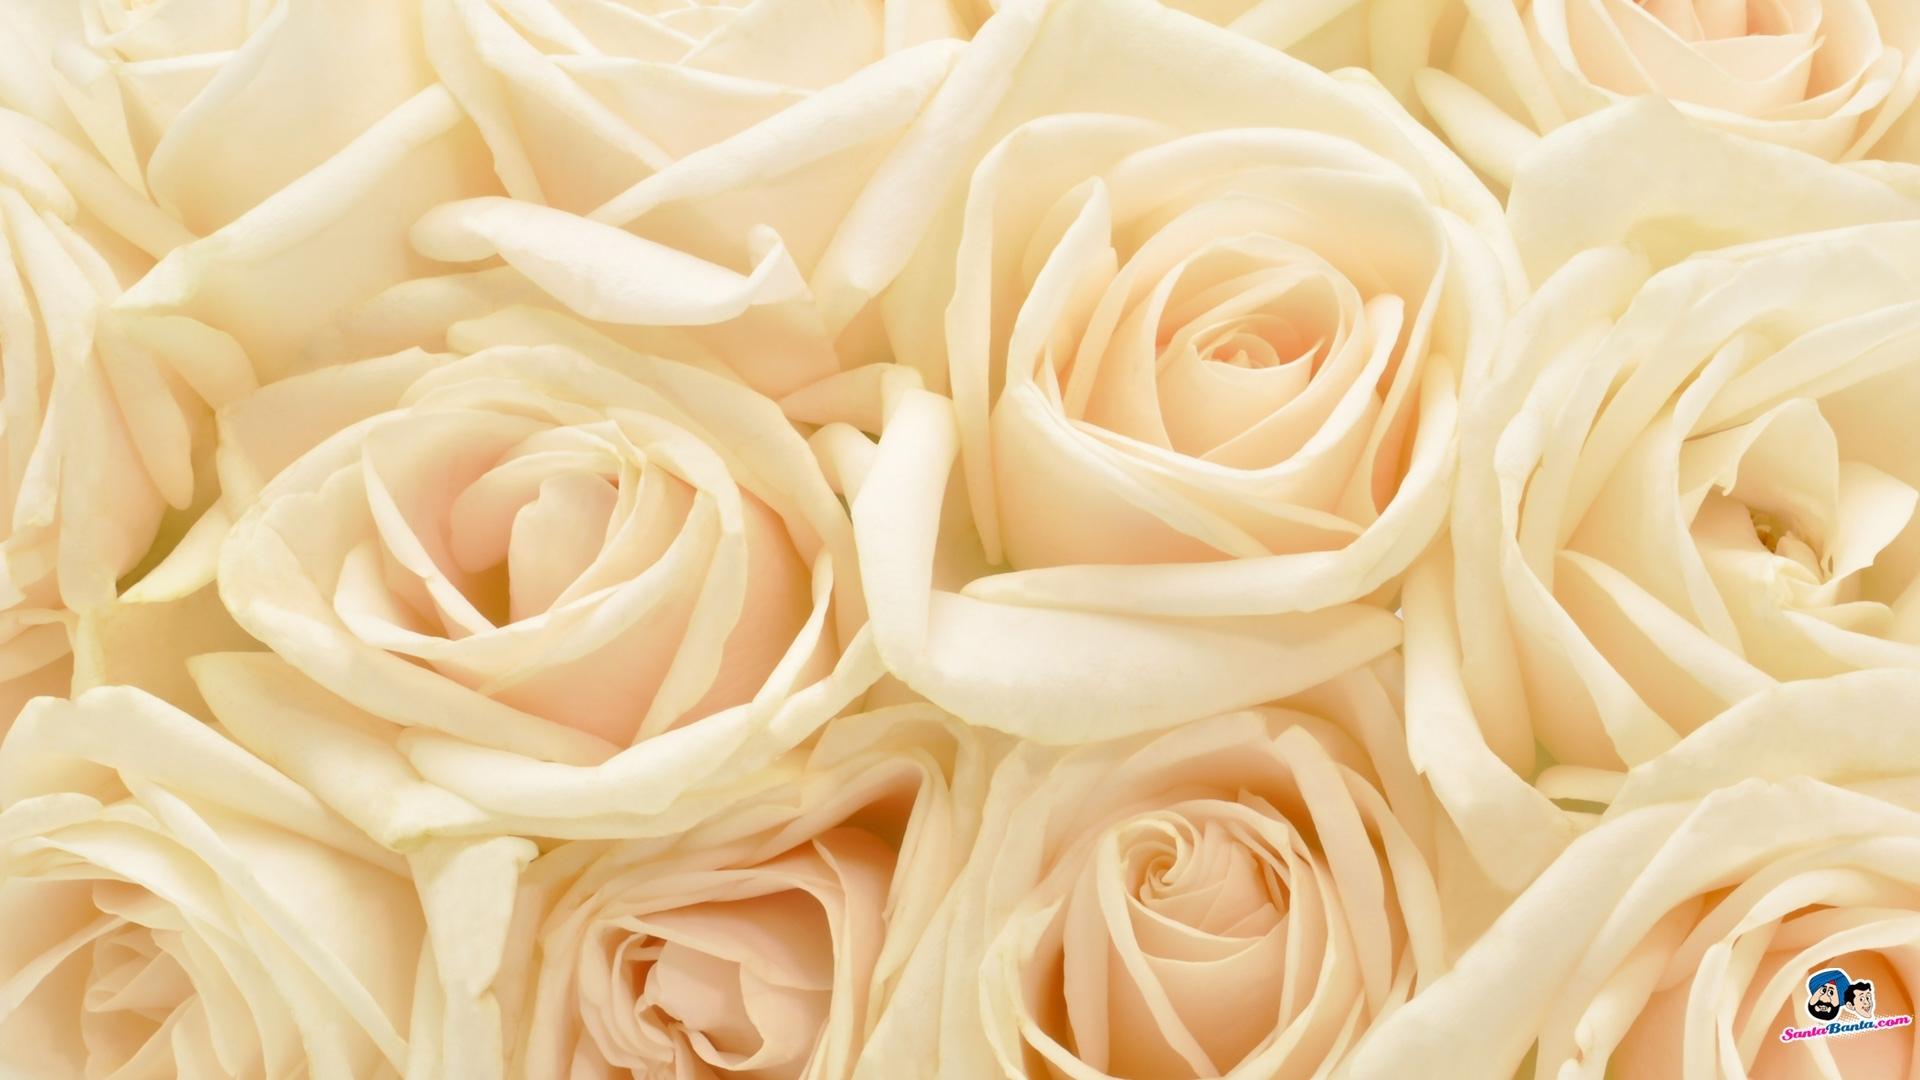 10 New White Roses Background Tumblr FULL HD 1080p For PC Desktop